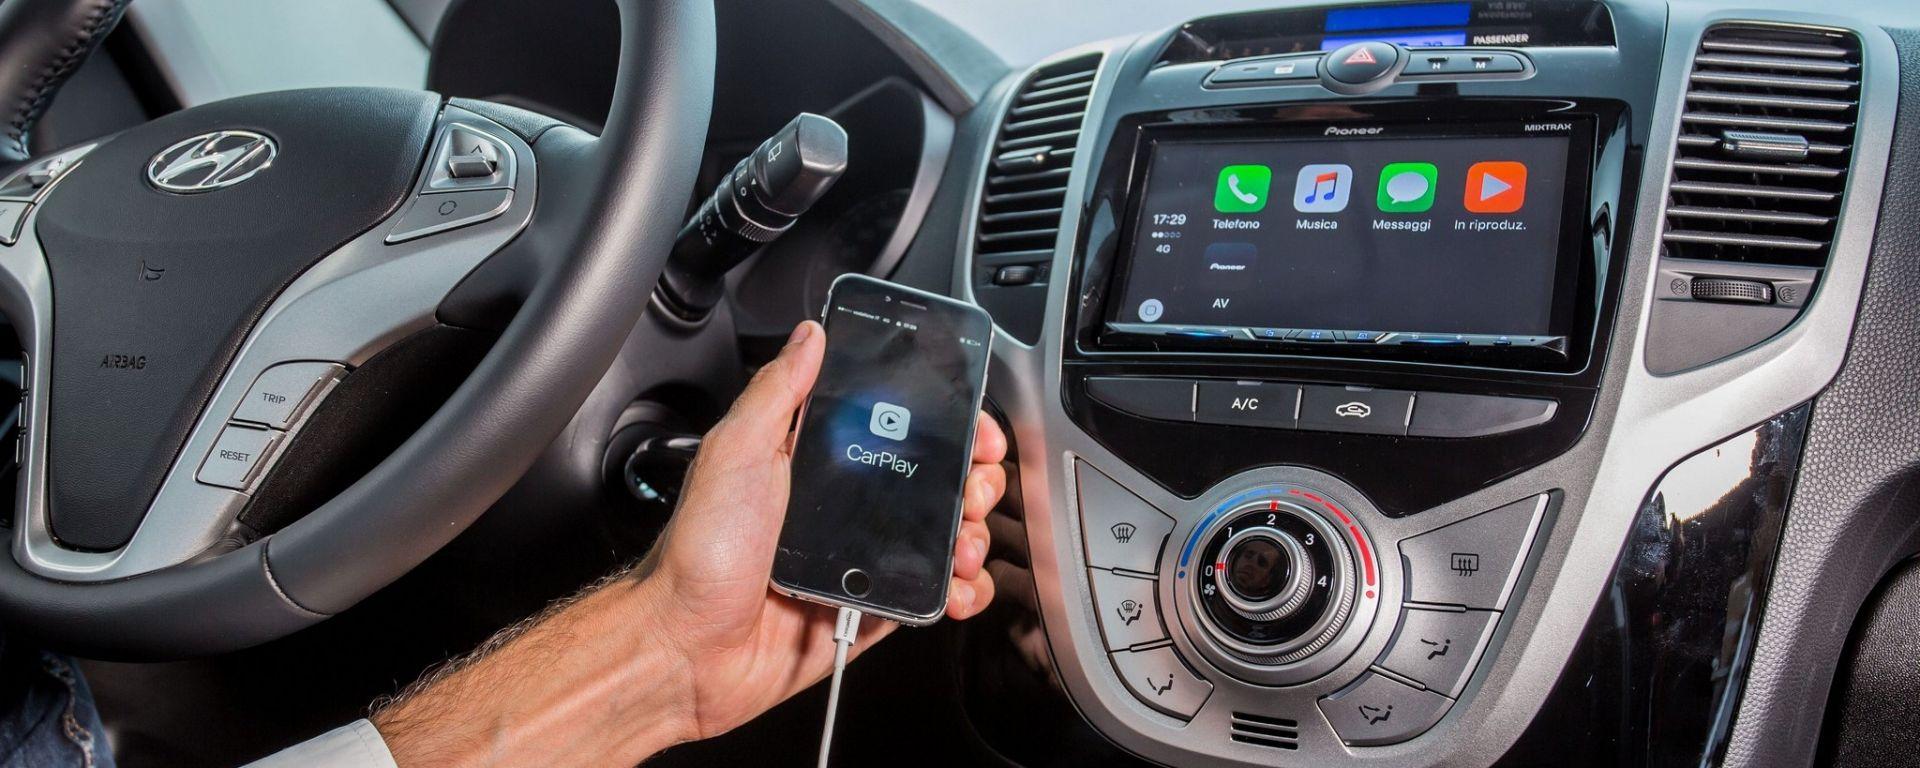 Hyundai ix20 App Mode - Apple Car Play